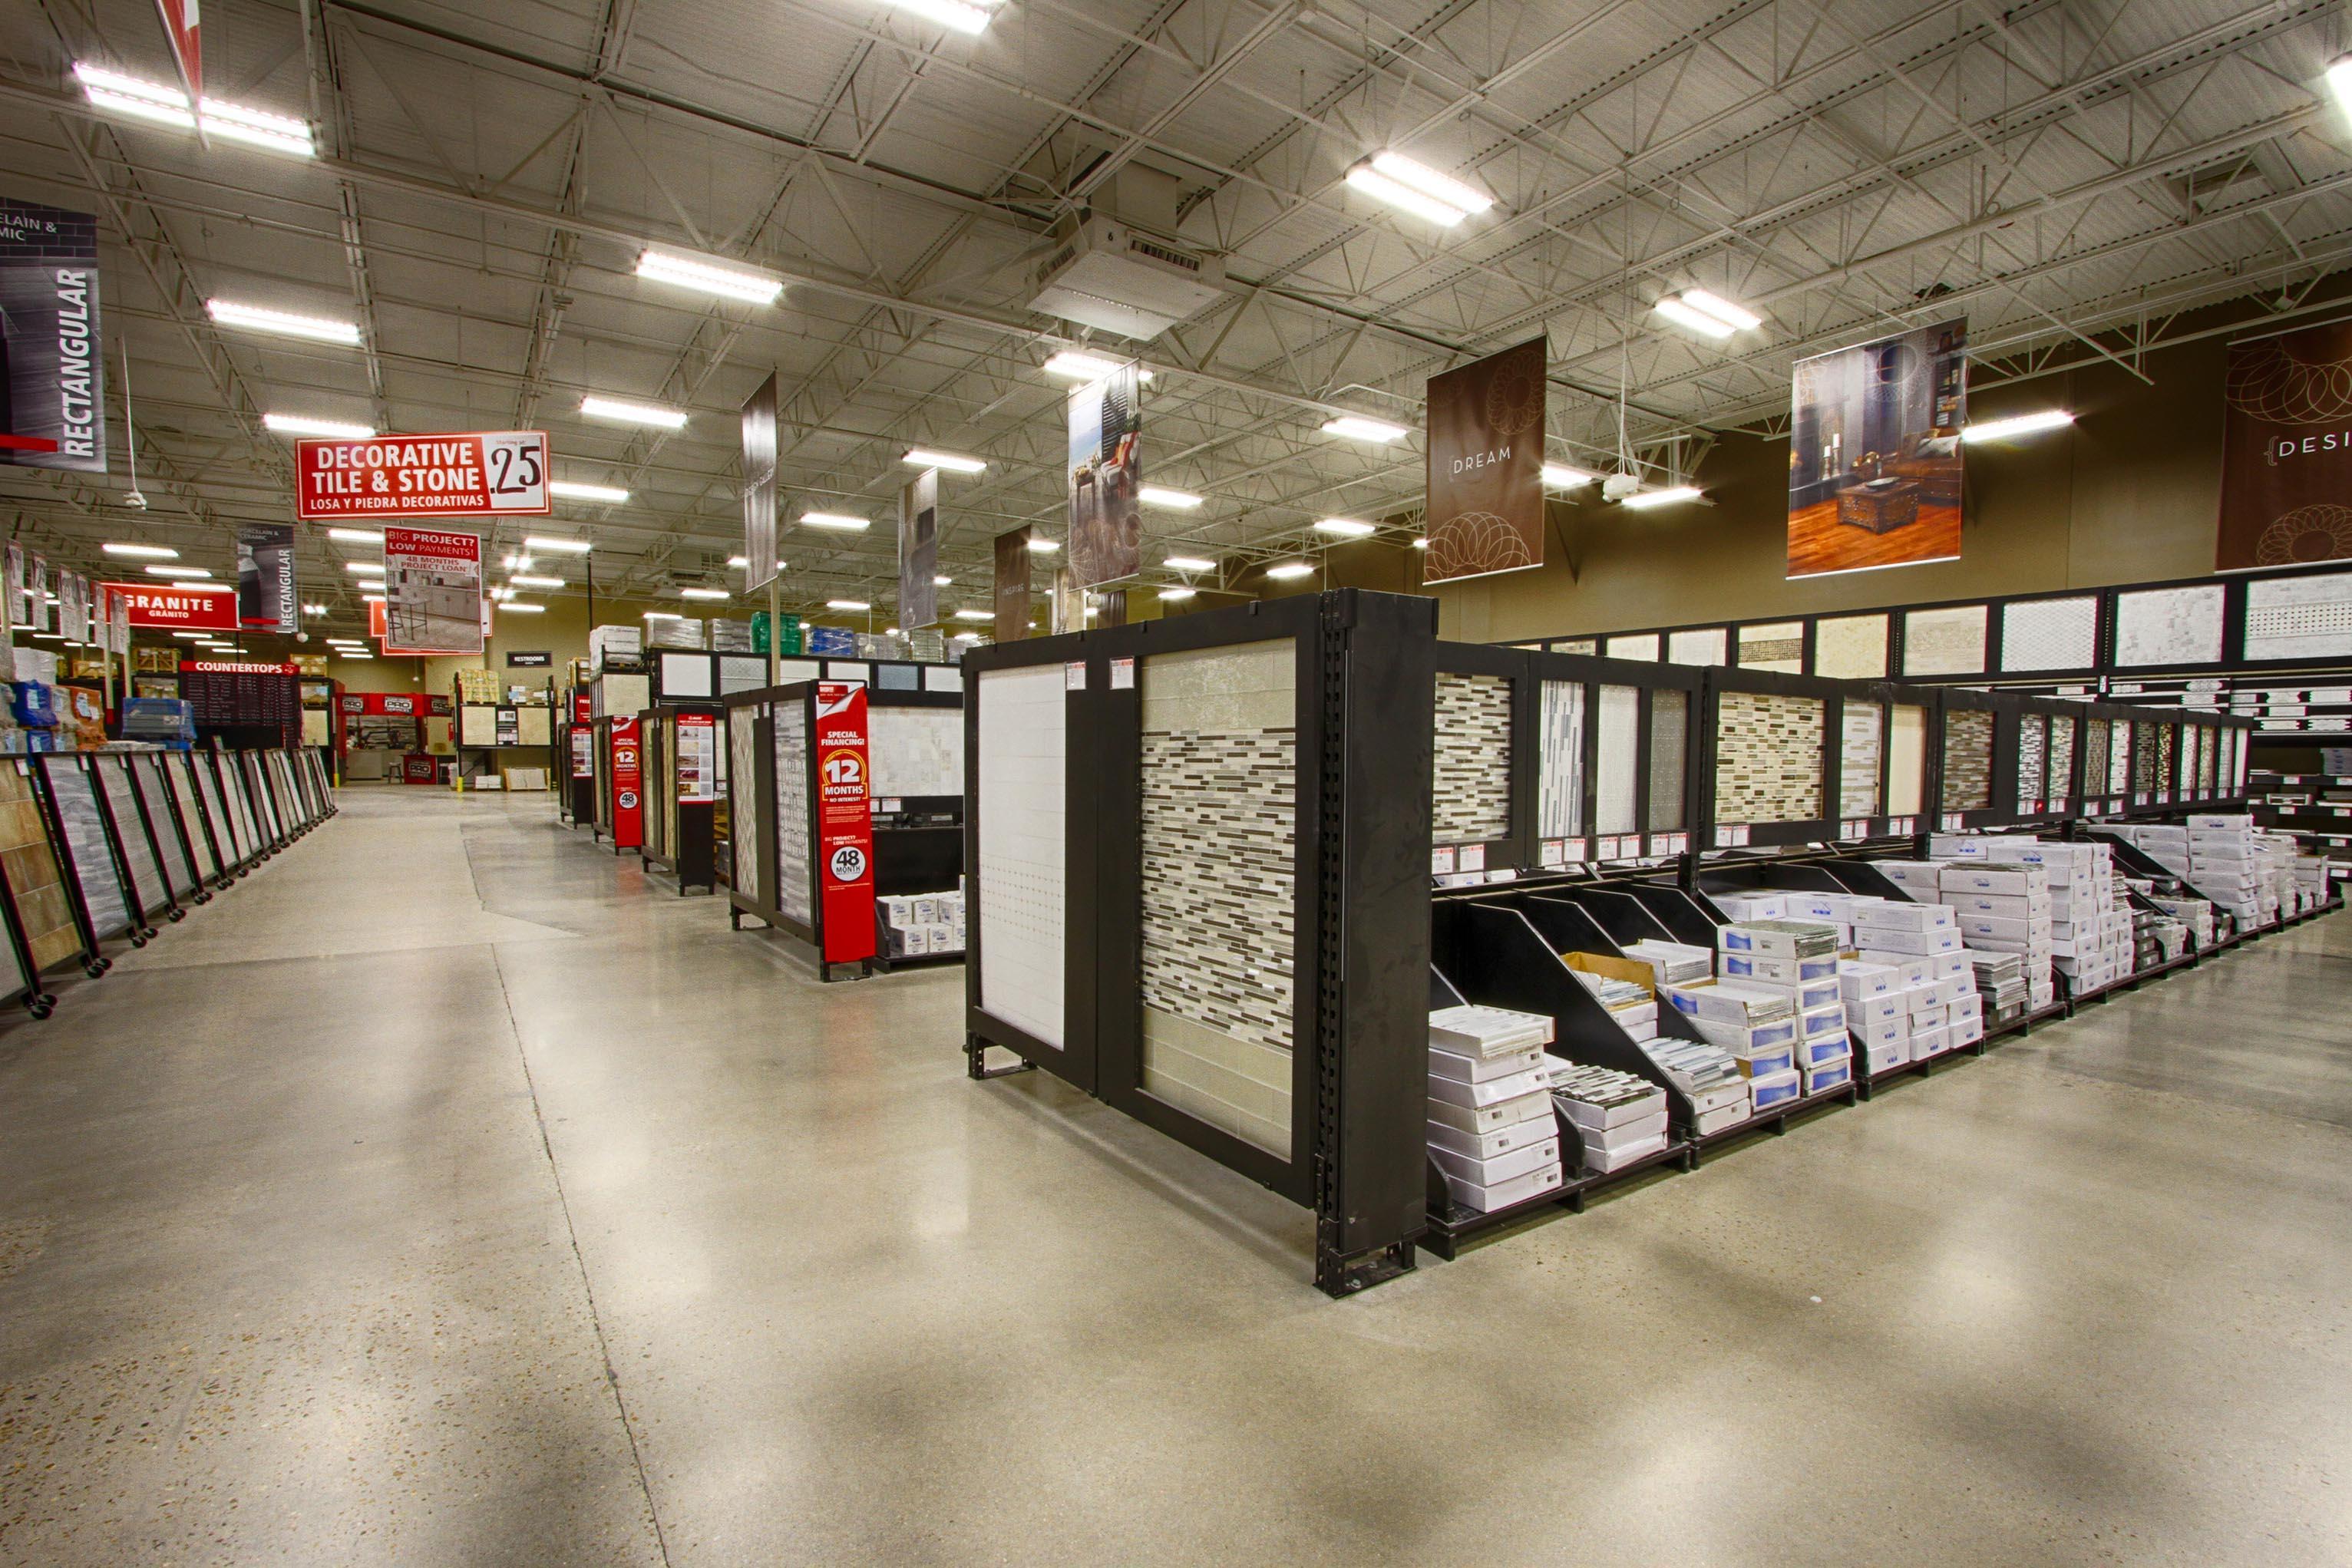 Floor & Decor Sugar Land Tx  from a.mktgcdn.com